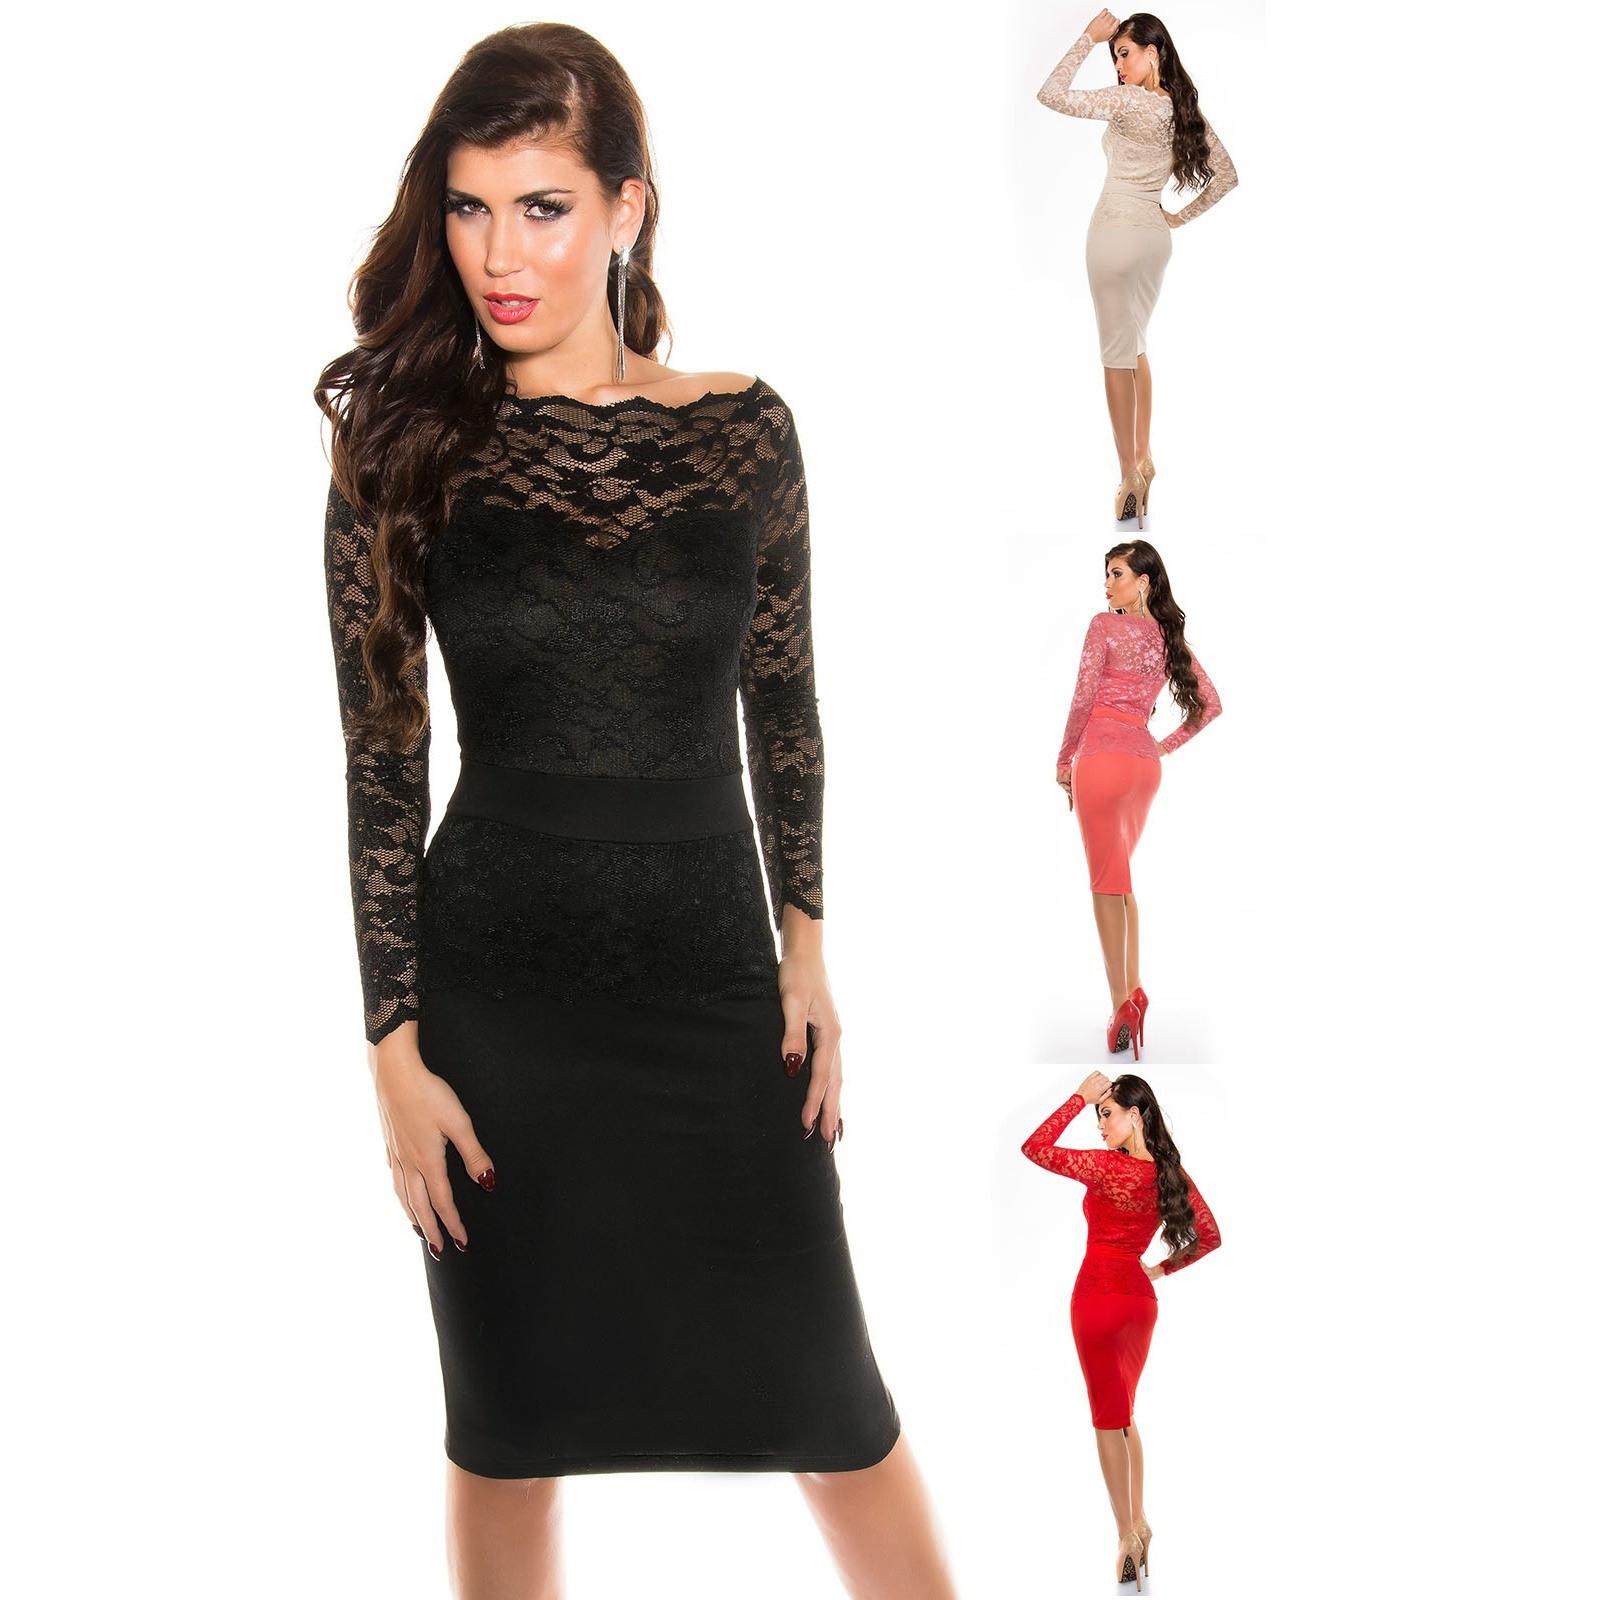 Abend Erstaunlich Abend Midi Kleider Bester PreisAbend Coolste Abend Midi Kleider Stylish